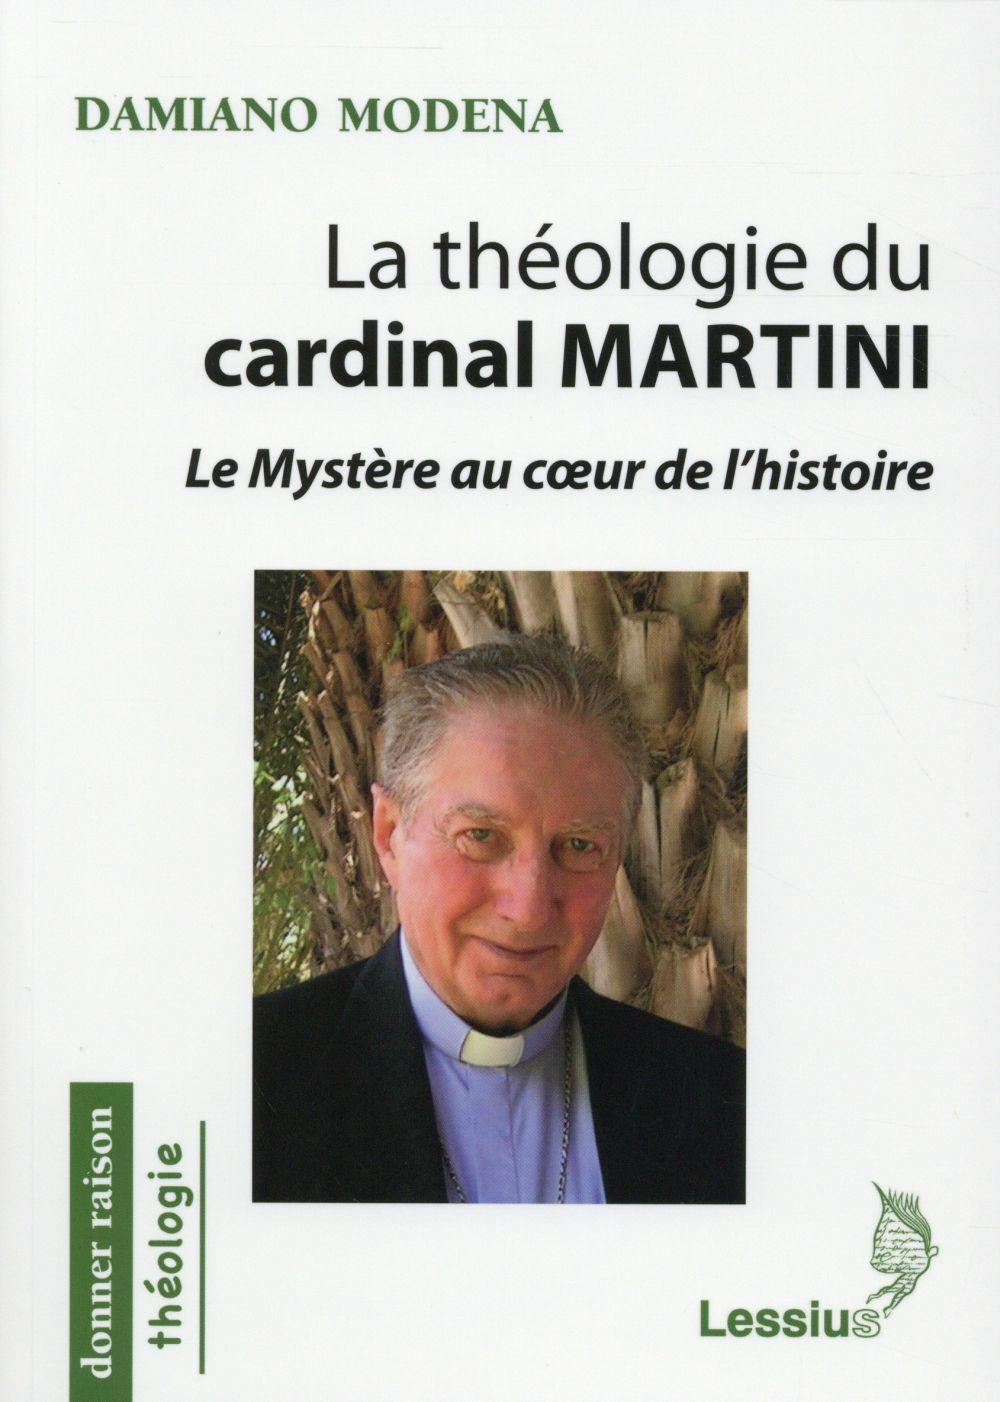 LA THEOLOGIE DU CARDINAL MARTINI - LE MYSTERE AU COEUR DE L'HISTOIRE